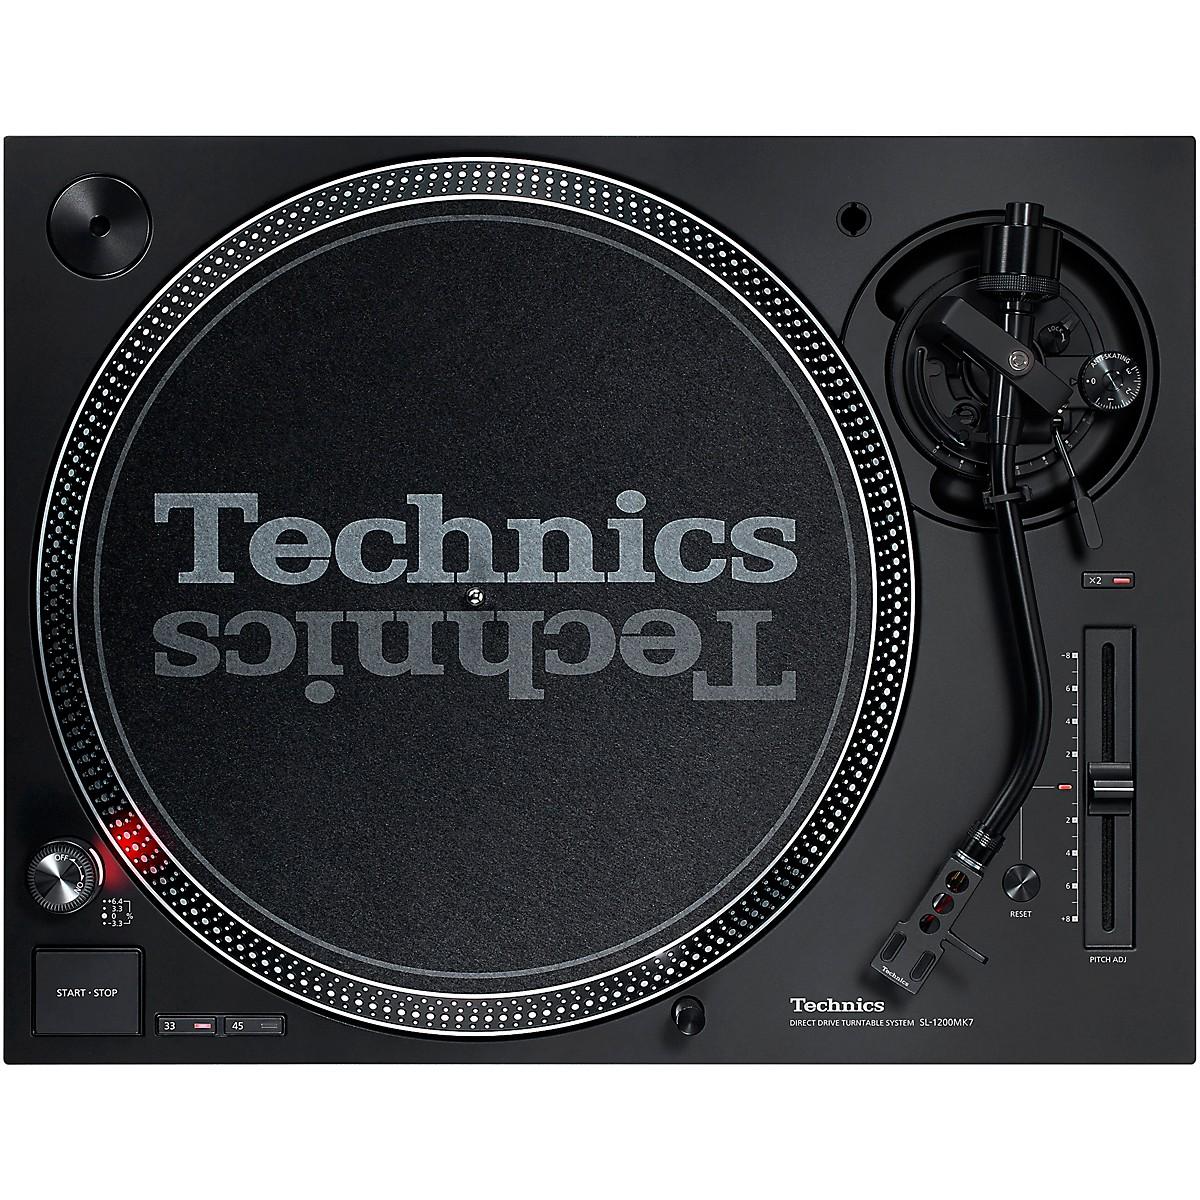 Technics SL-1200MK7 Direct-Drive Professional DJ Turntable